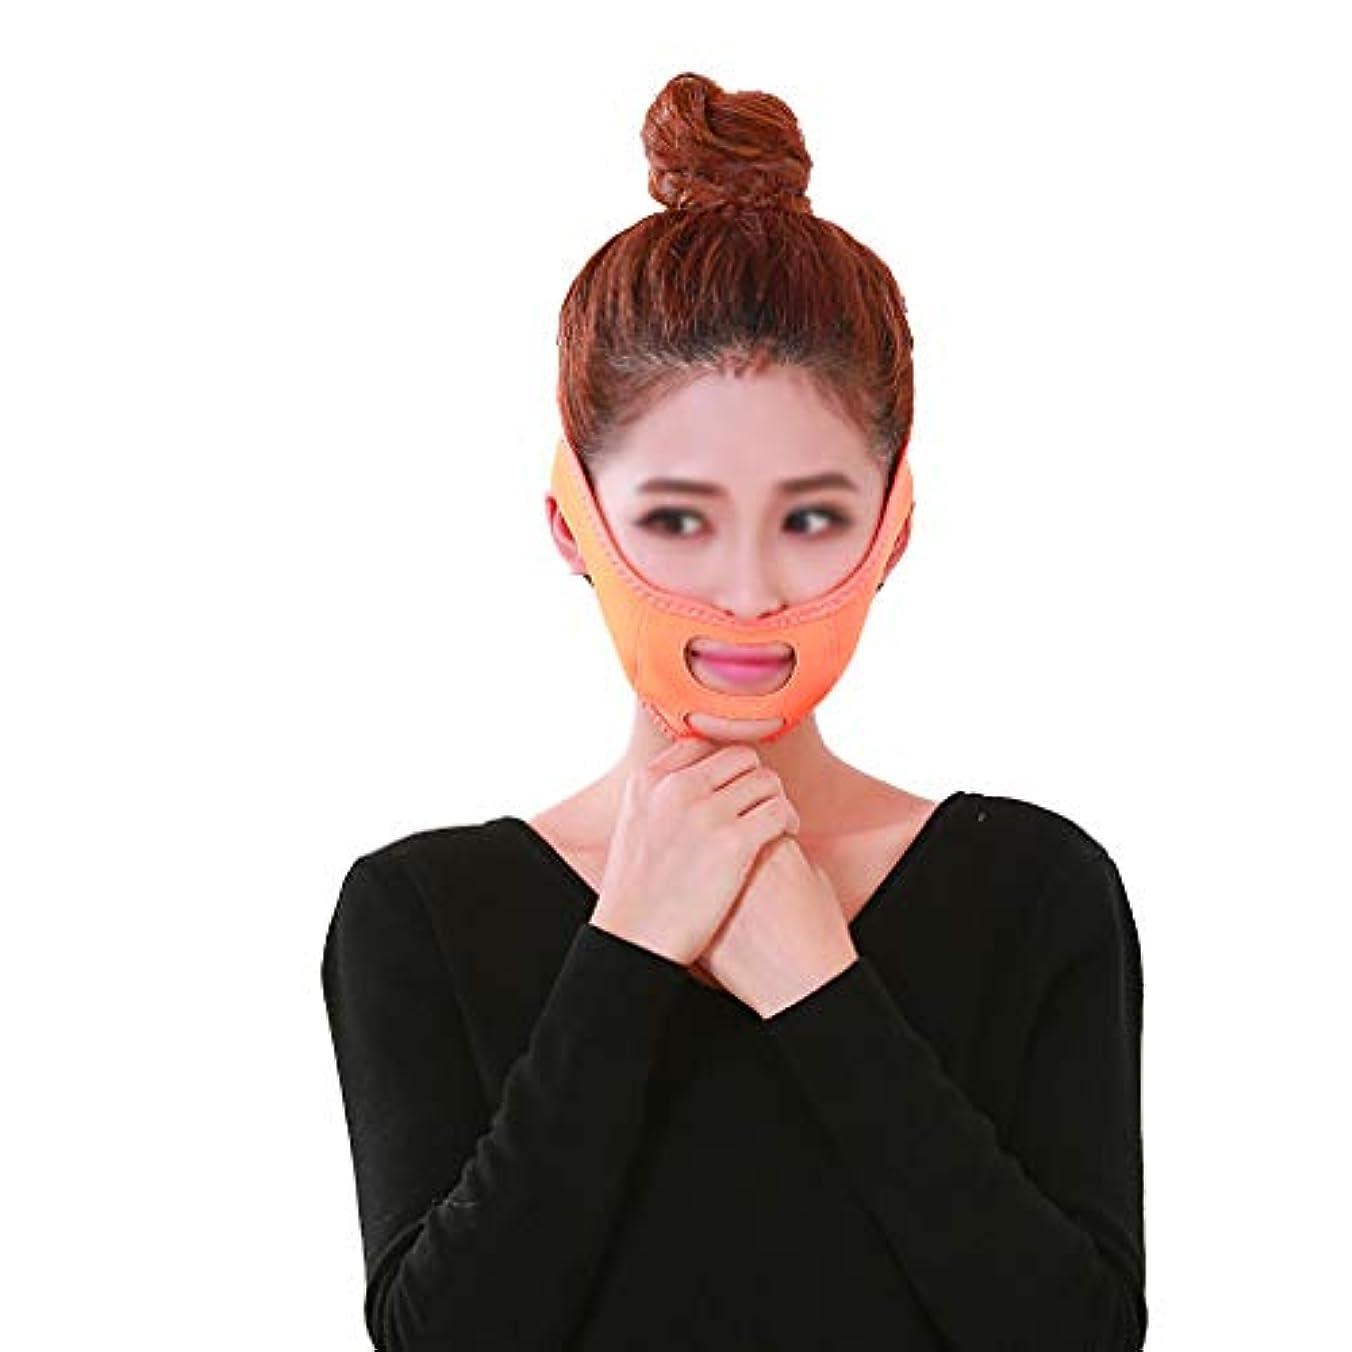 森林差し控える警戒フェイスリフトフェイシャル、フェイシャルマスクVフェイスマスクタイトな肌のリラクゼーションを防ぐVフェイスアーティファクトフェイスリフト包帯フェイスケア (Color : Orange)